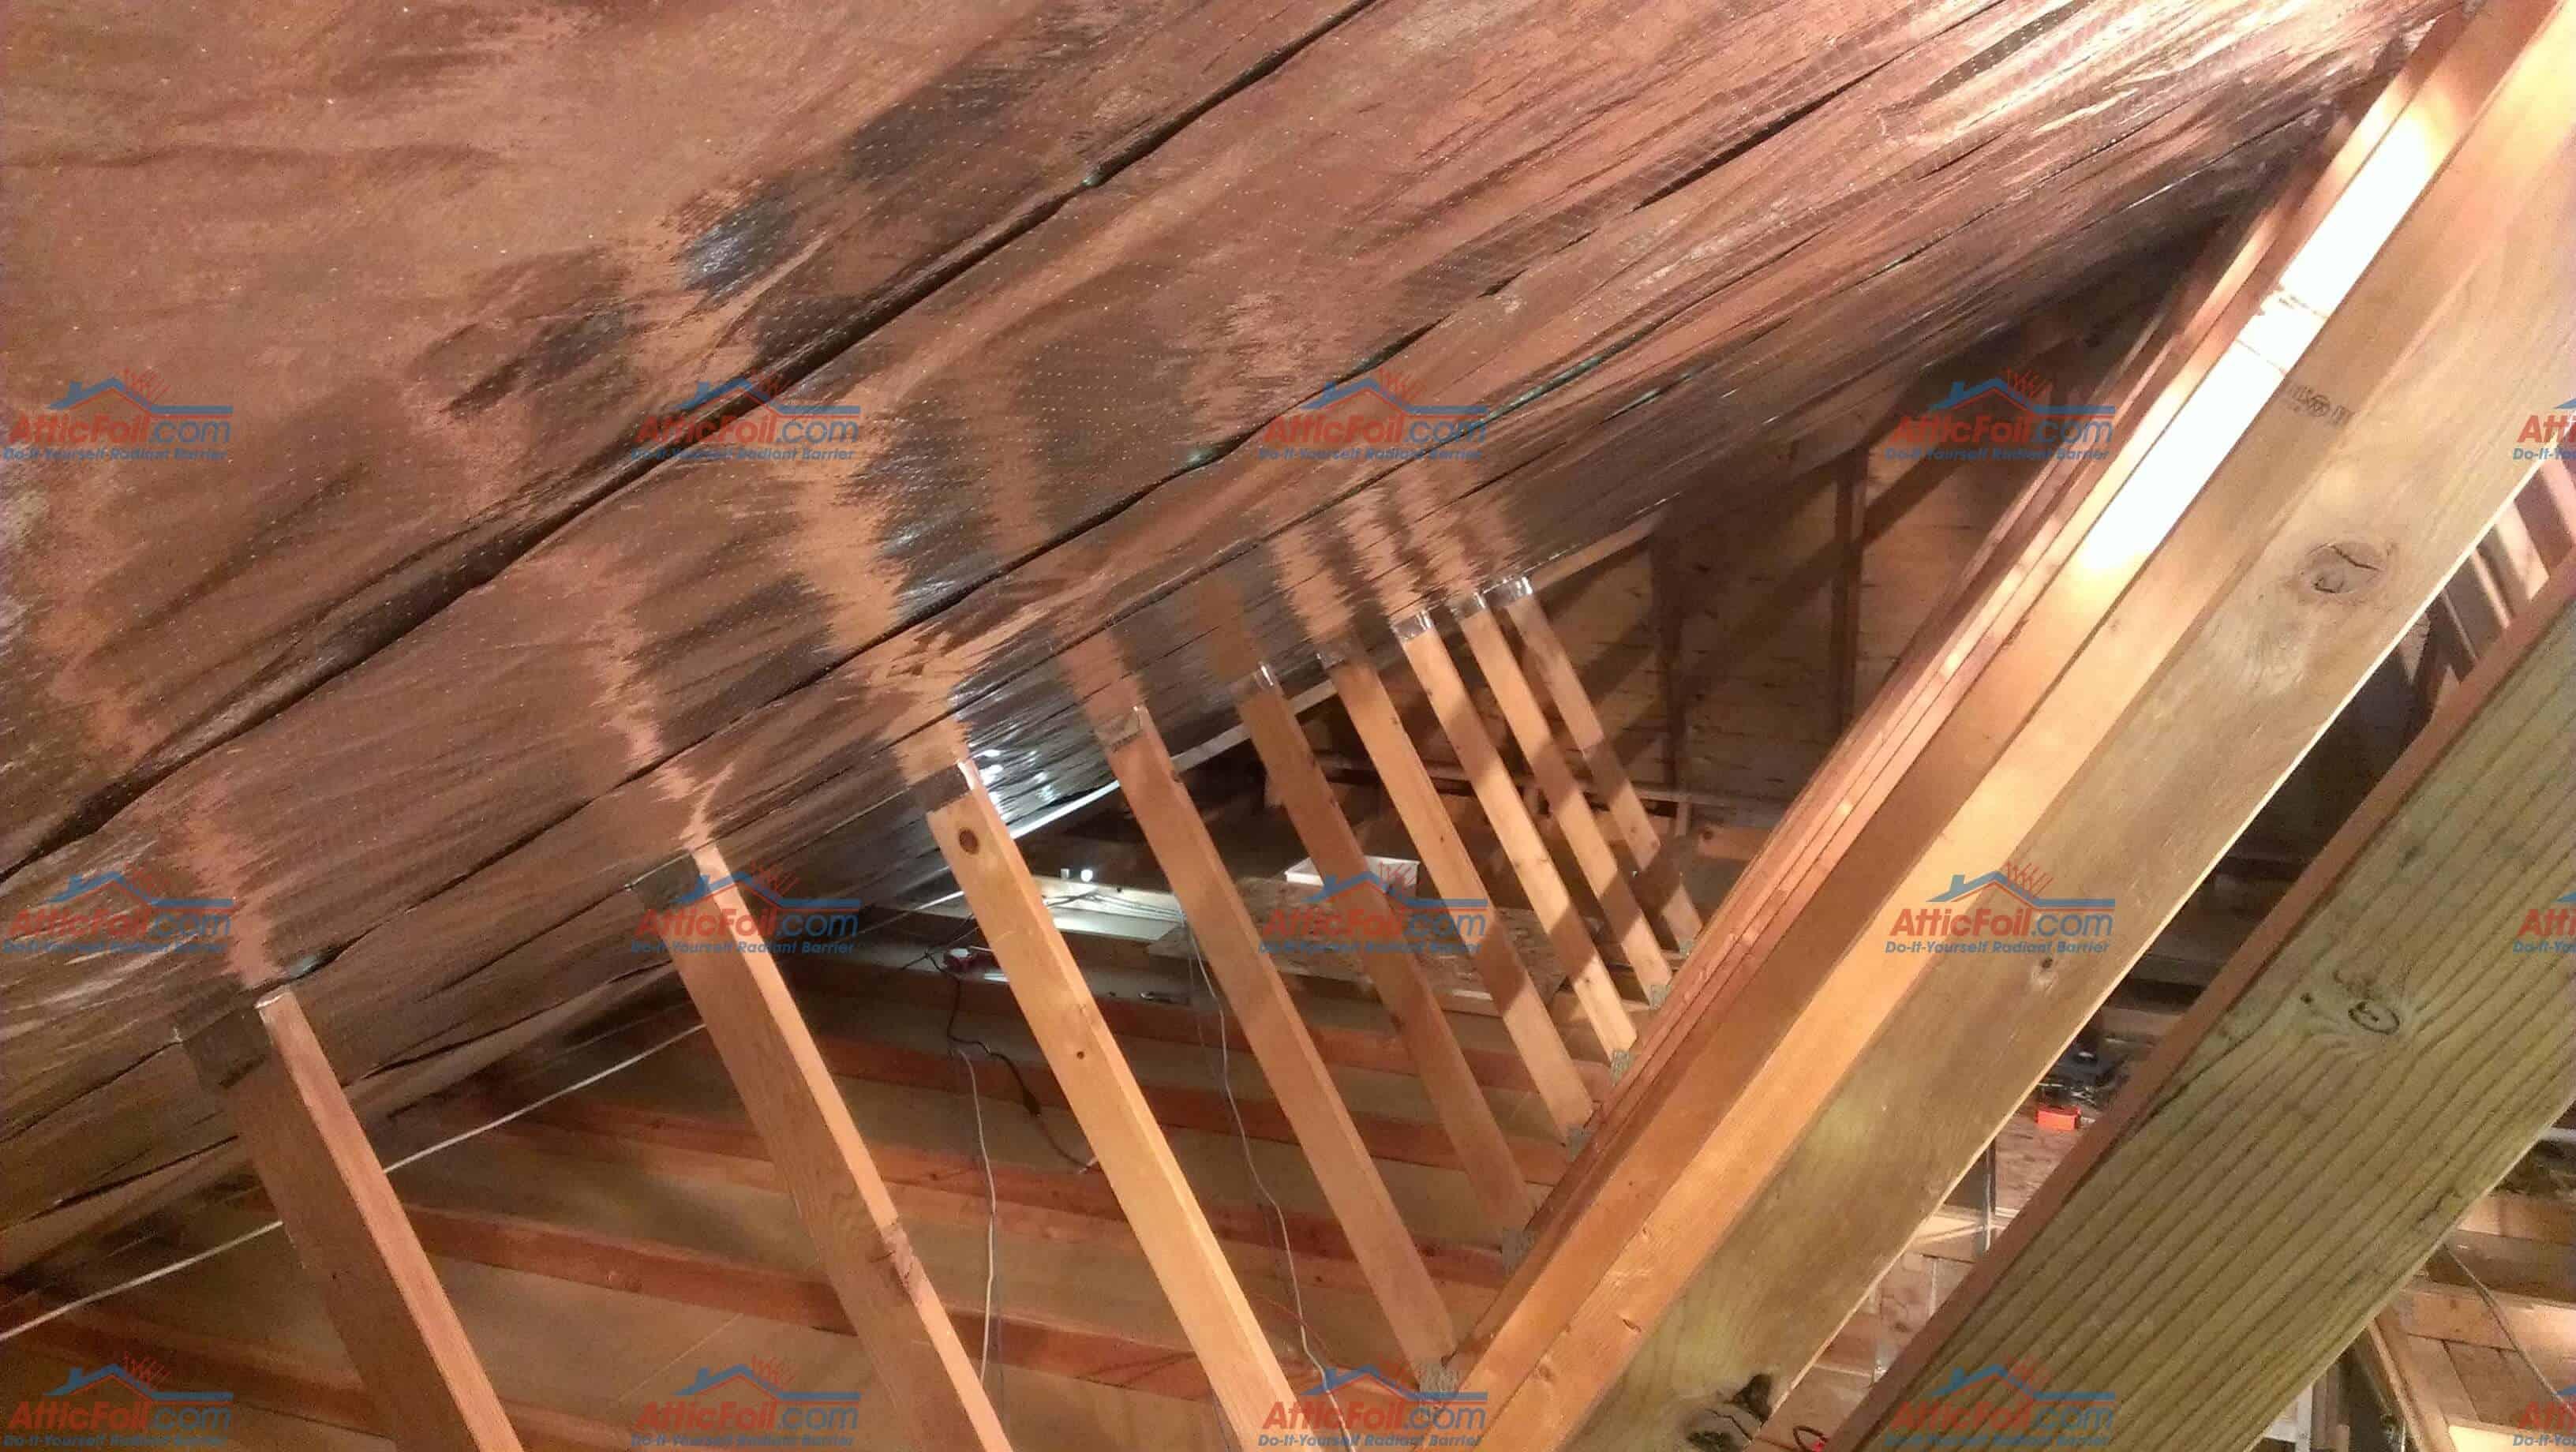 Gallery Truss Attic Installs AtticFoil Radiant Barrier